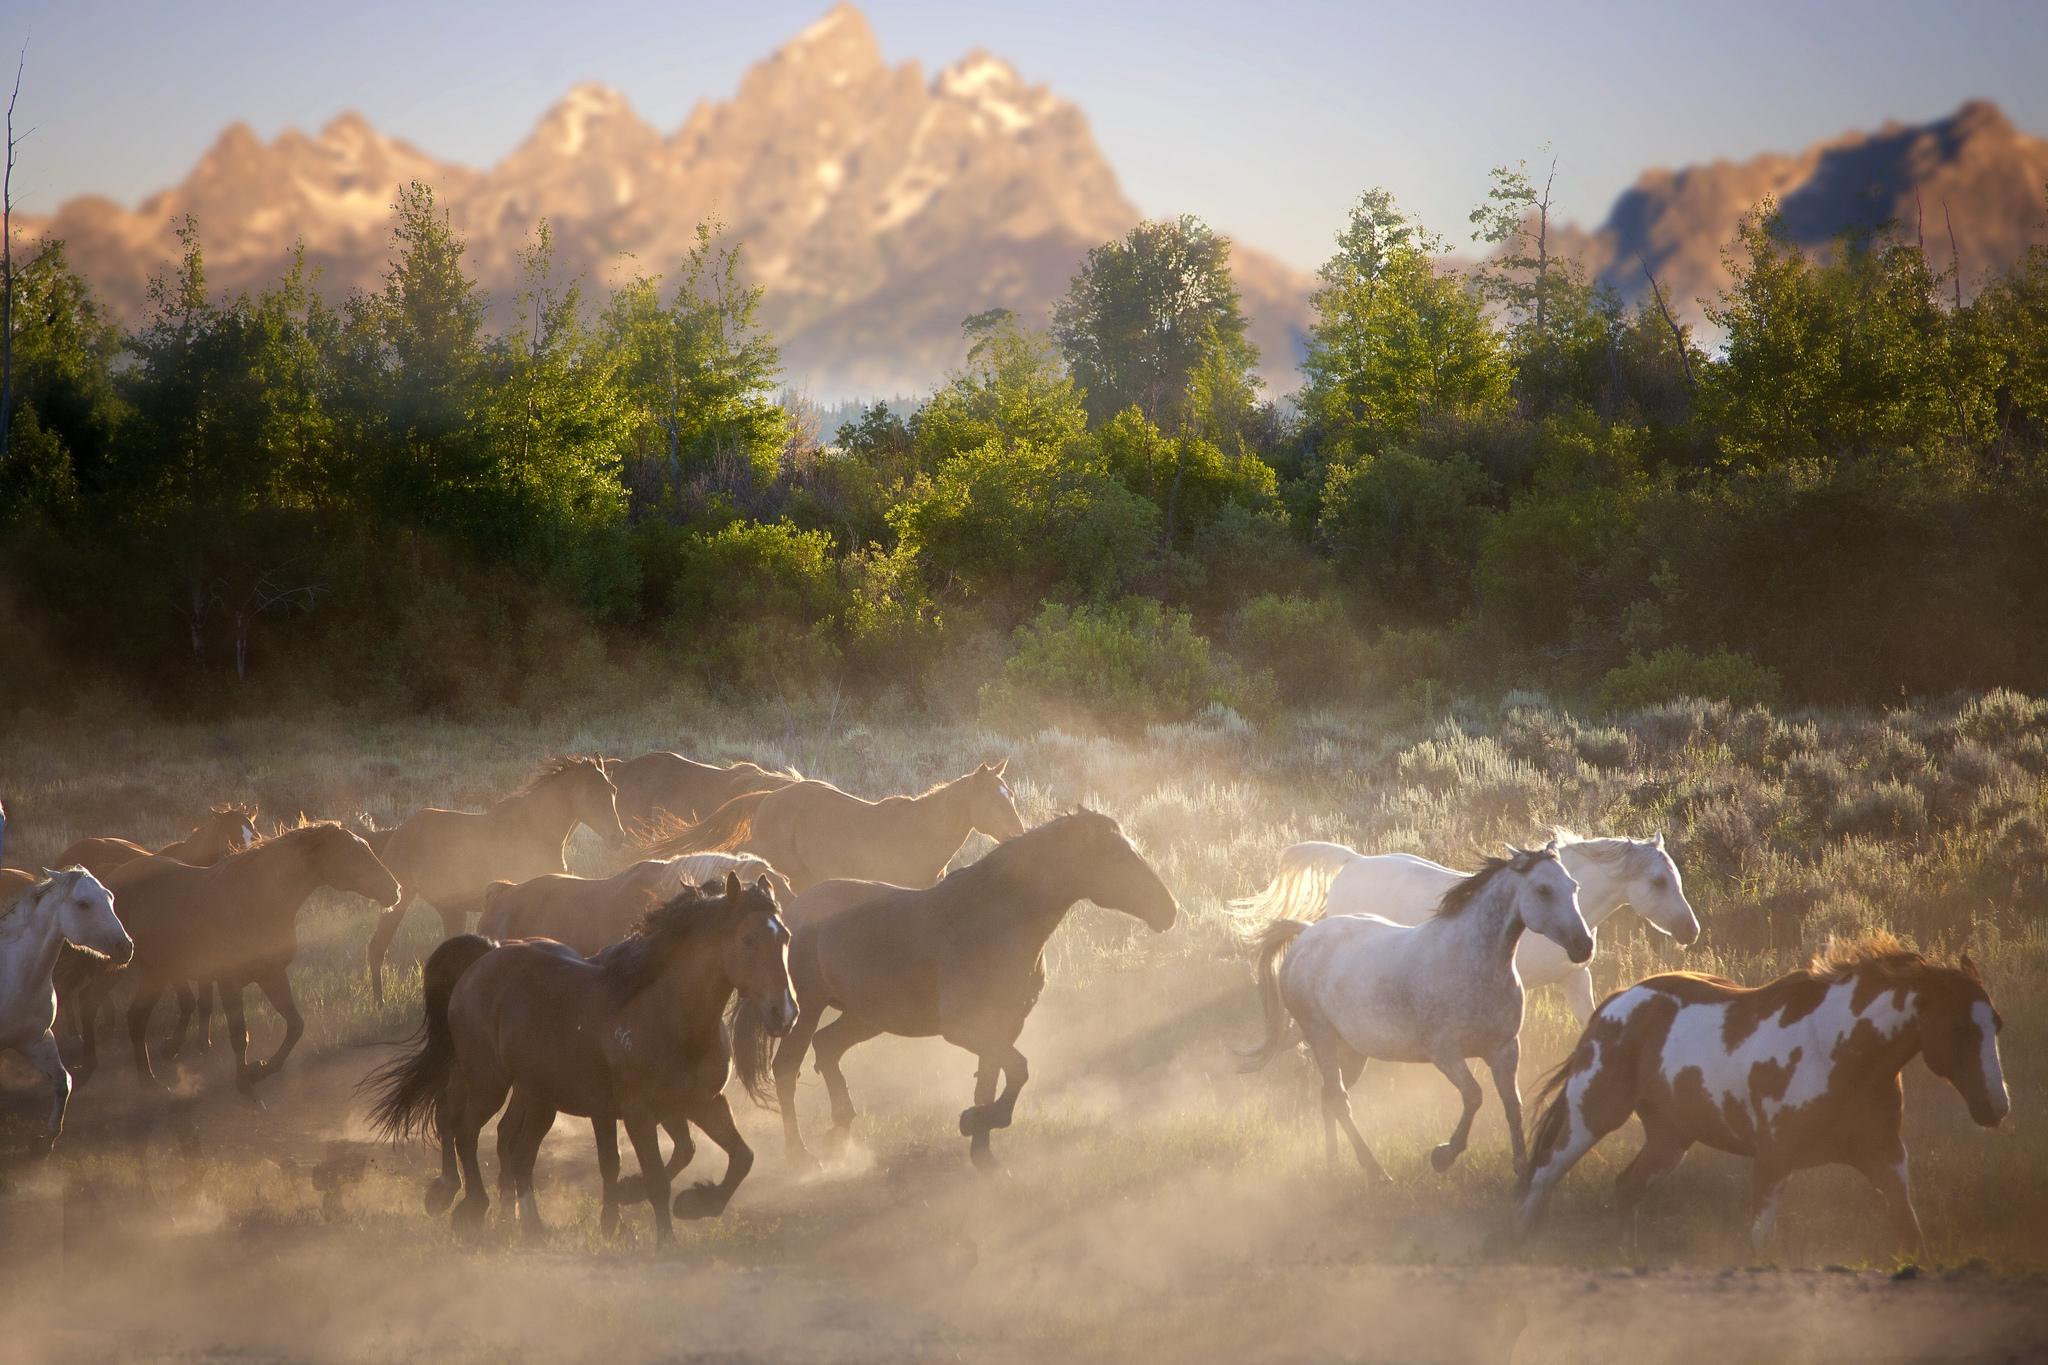 природа берег море гора скала лошадь наездник без смс